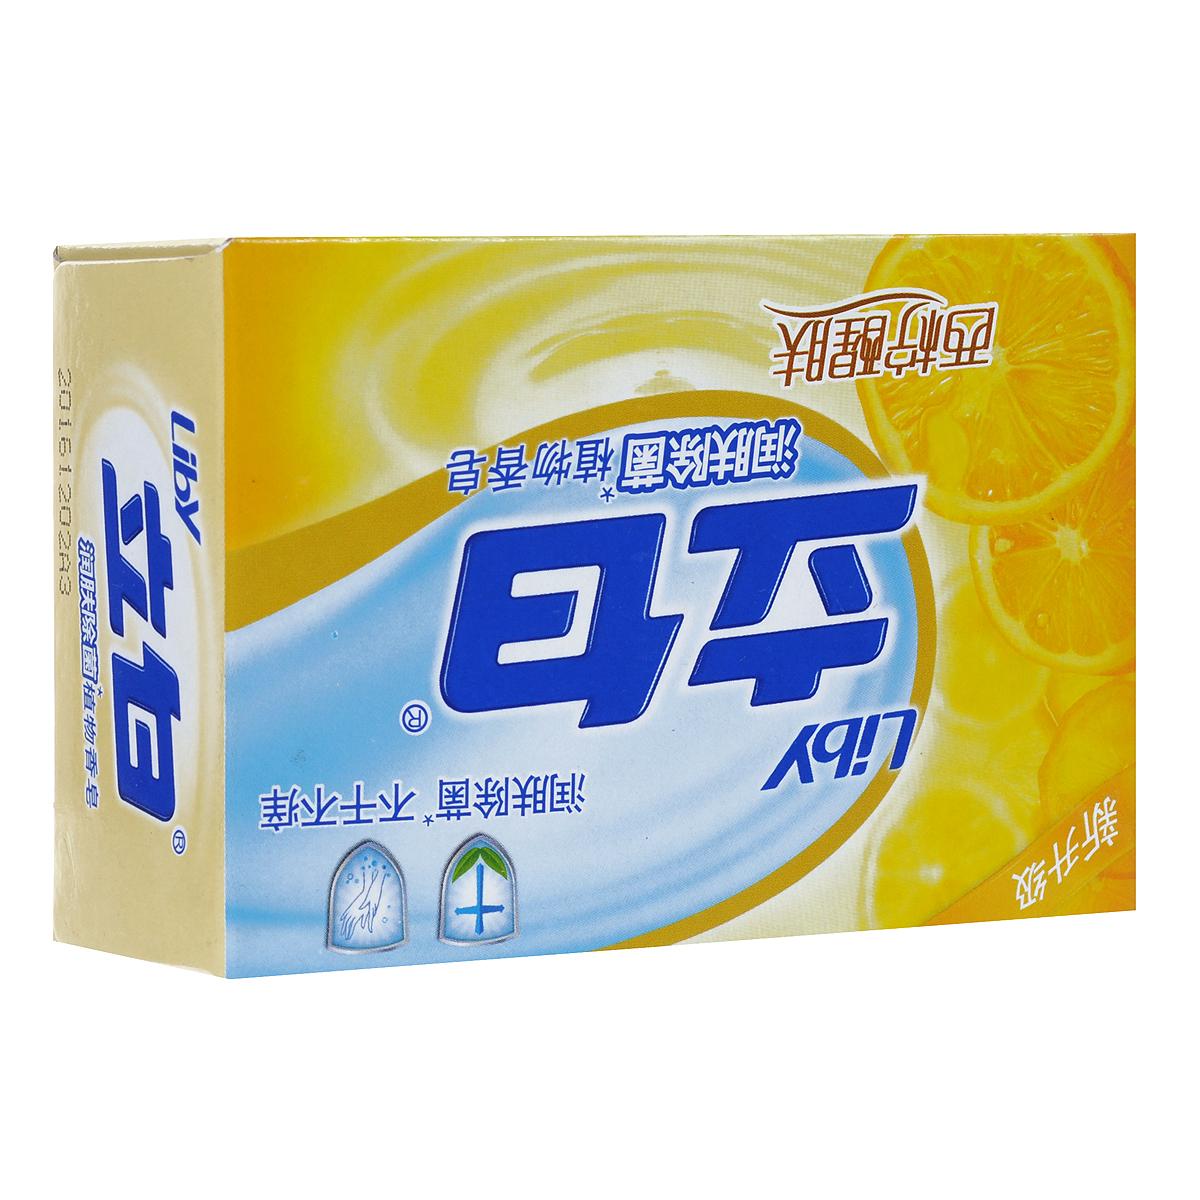 Мыло туалетное Liby Лимон, антибактериальное, 100 гCF5512F4Туалетное мыло Liby Лимон с натуральными экстрактами растений и фруктов отлично смягчает кожу. Мыло гладкое и нежное на ощупь. Обладает приятным запахом, в воде образует обильную пену, не подвержено раскисанию в воде. Подходит для мытья рук и тела. Обладает антибактериальным эффектом: в сочетании с особыми активными компонентами (глицериды, метимазол) применение мыла позволит эффективно избавиться от наиболее распространенных бактерий.